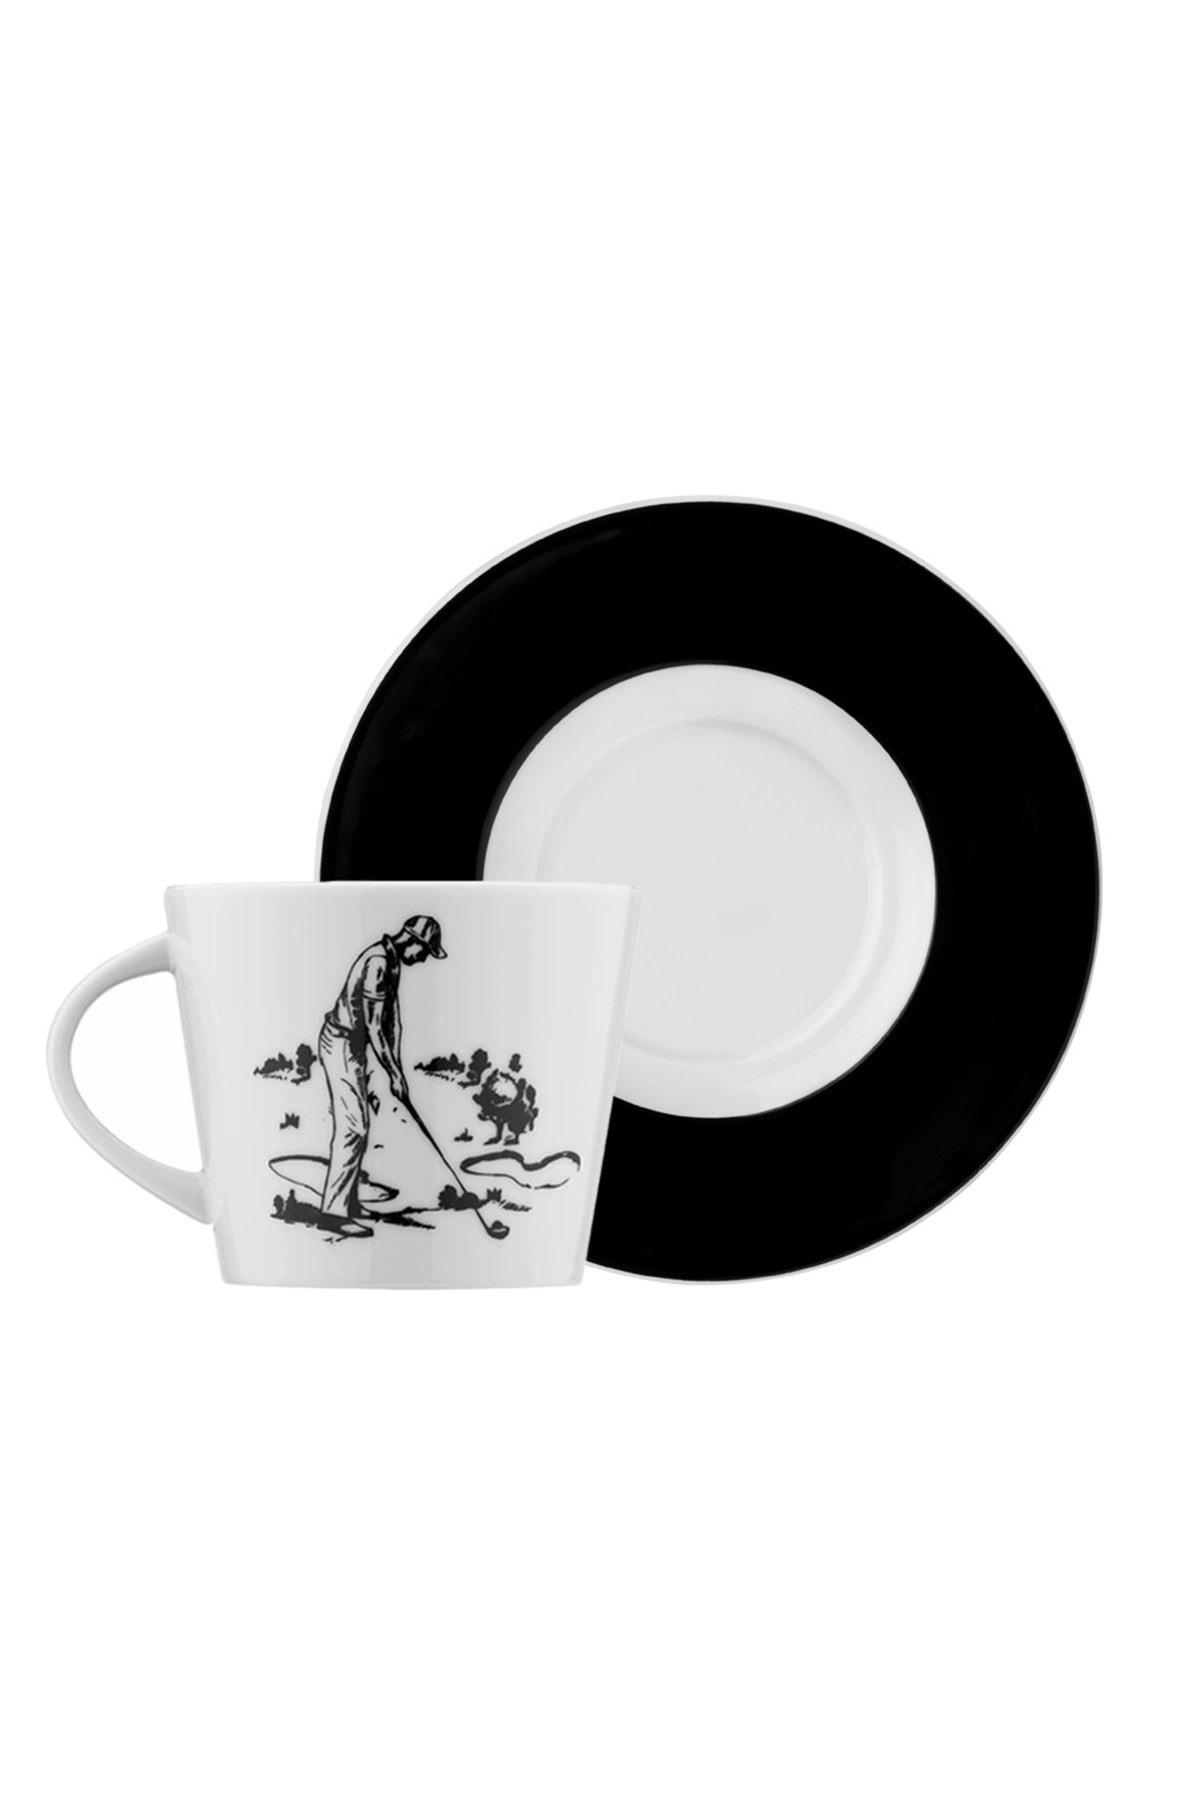 Kütahya Porselen - Kütahya Porselen Centilmen Serisi Kahve Fincan Takımı Golf